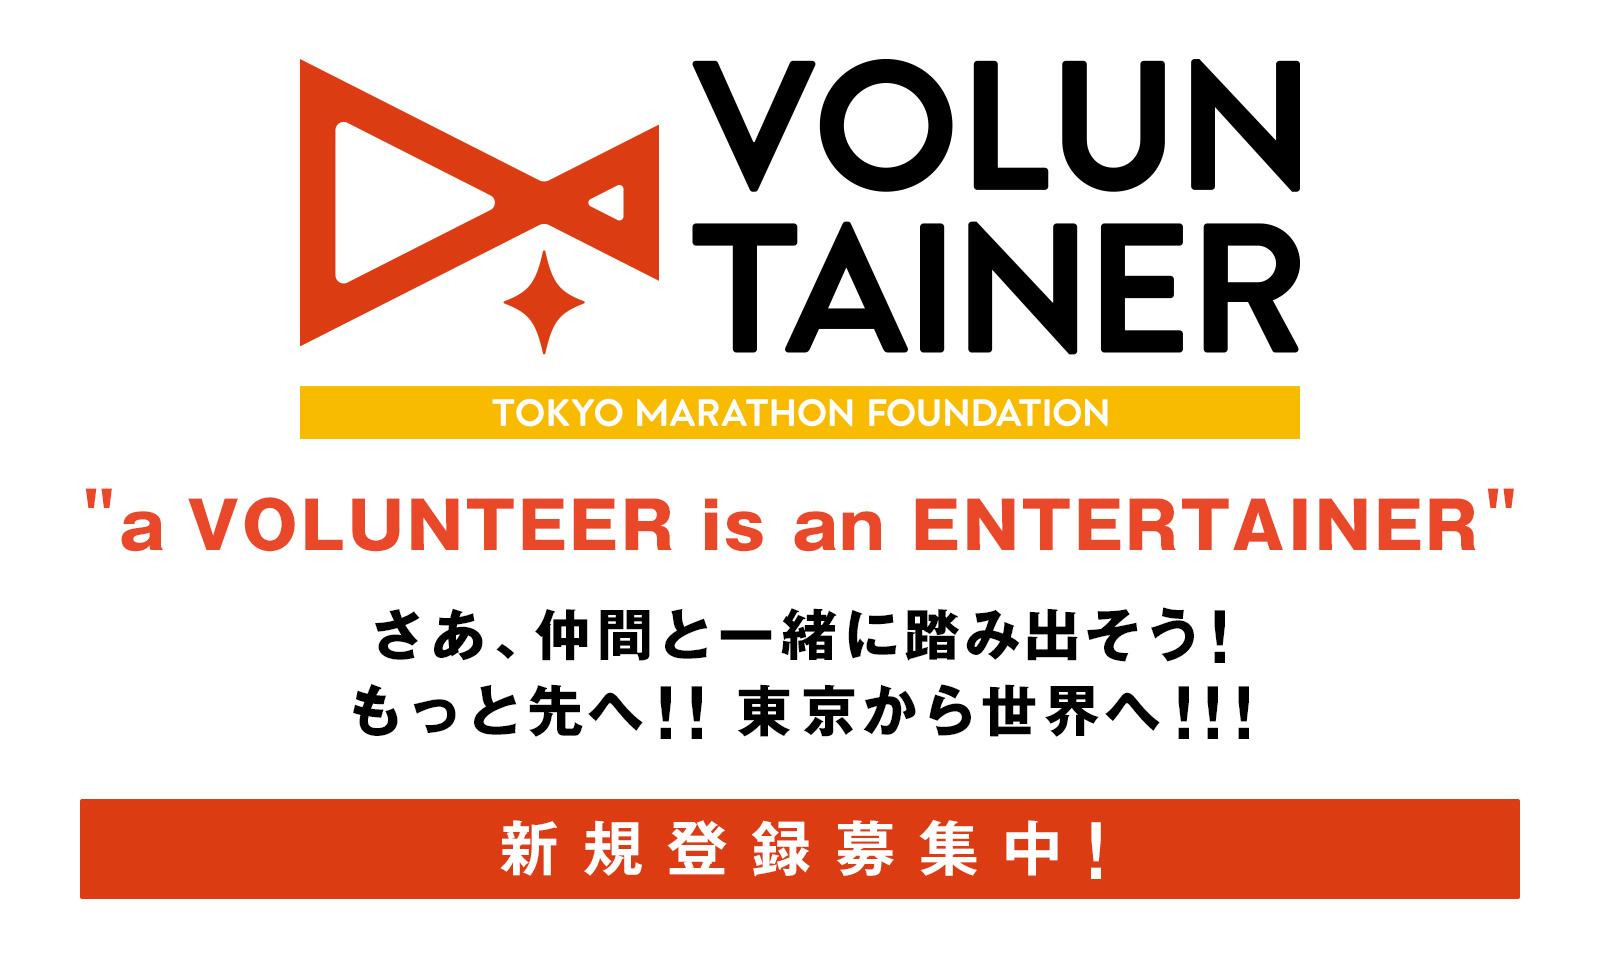 【ロゴ変更】新規登録募集中!